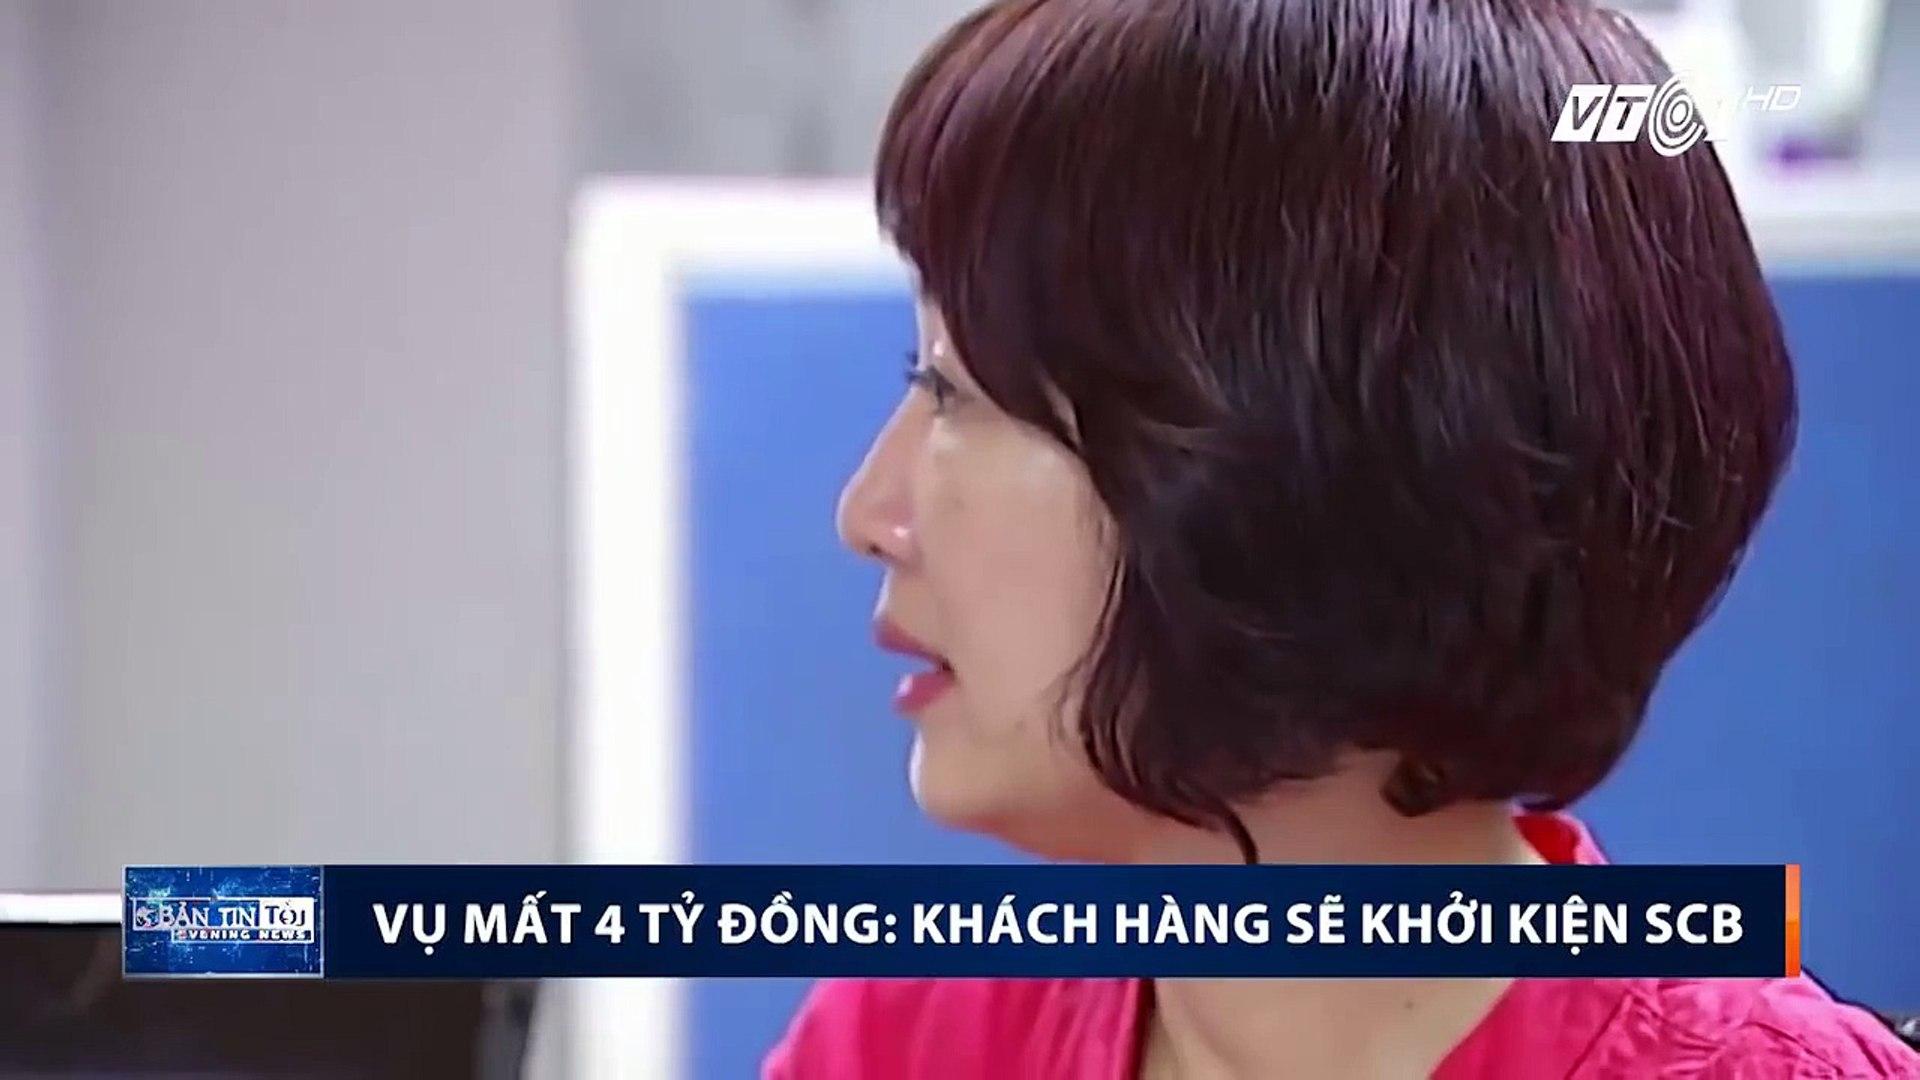 Gửi ngân hàng 4 tỷ mất trắng SCB Ngân hàng Thương Mại Cổ Phần Sài Gòn